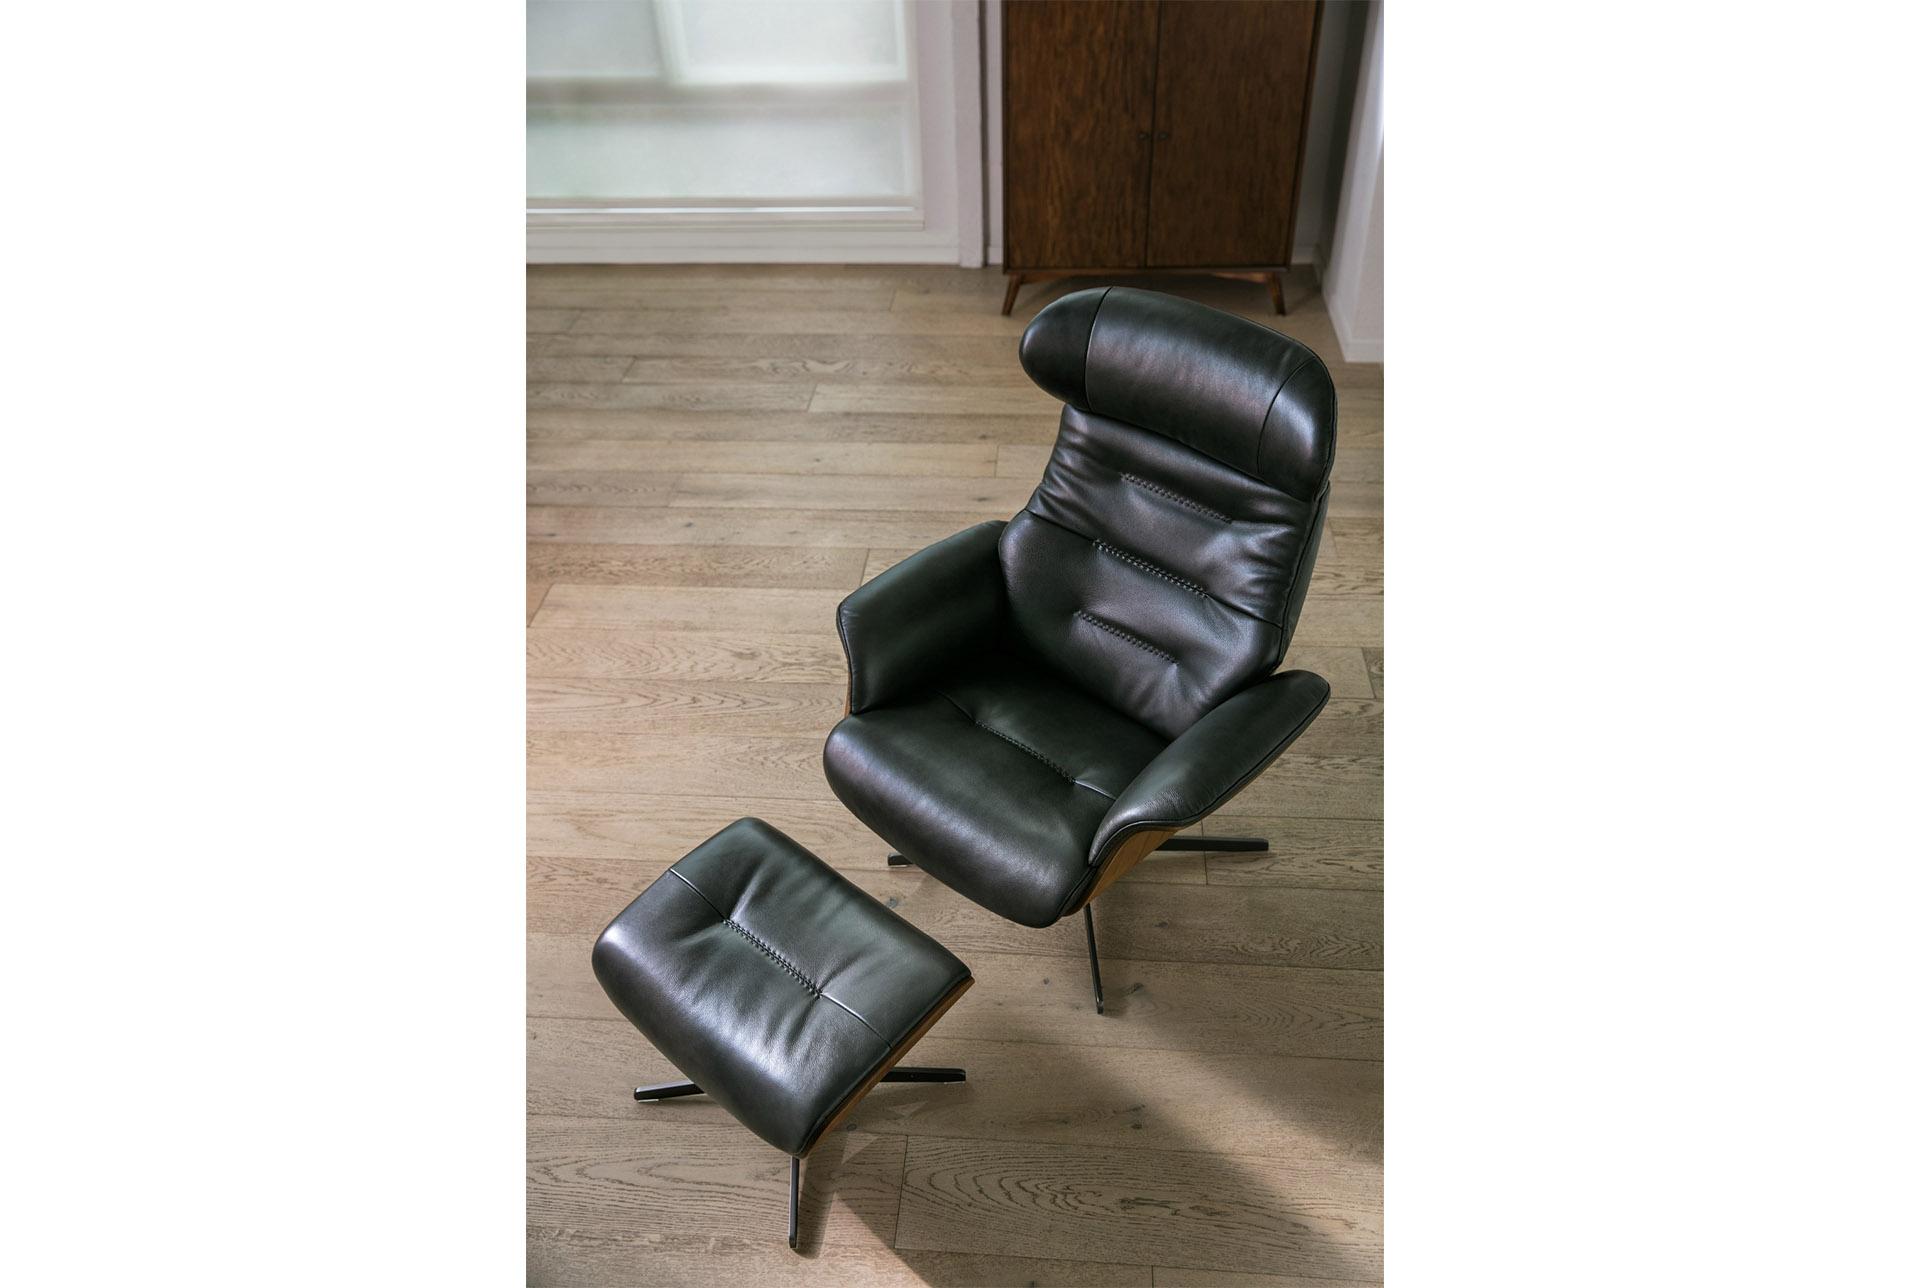 Amala Dark Grey Leather Reclining Swivel Chair & Ottoman In 2018 Intended For Amala Dark Grey Leather Reclining Swivel Chairs (View 2 of 20)